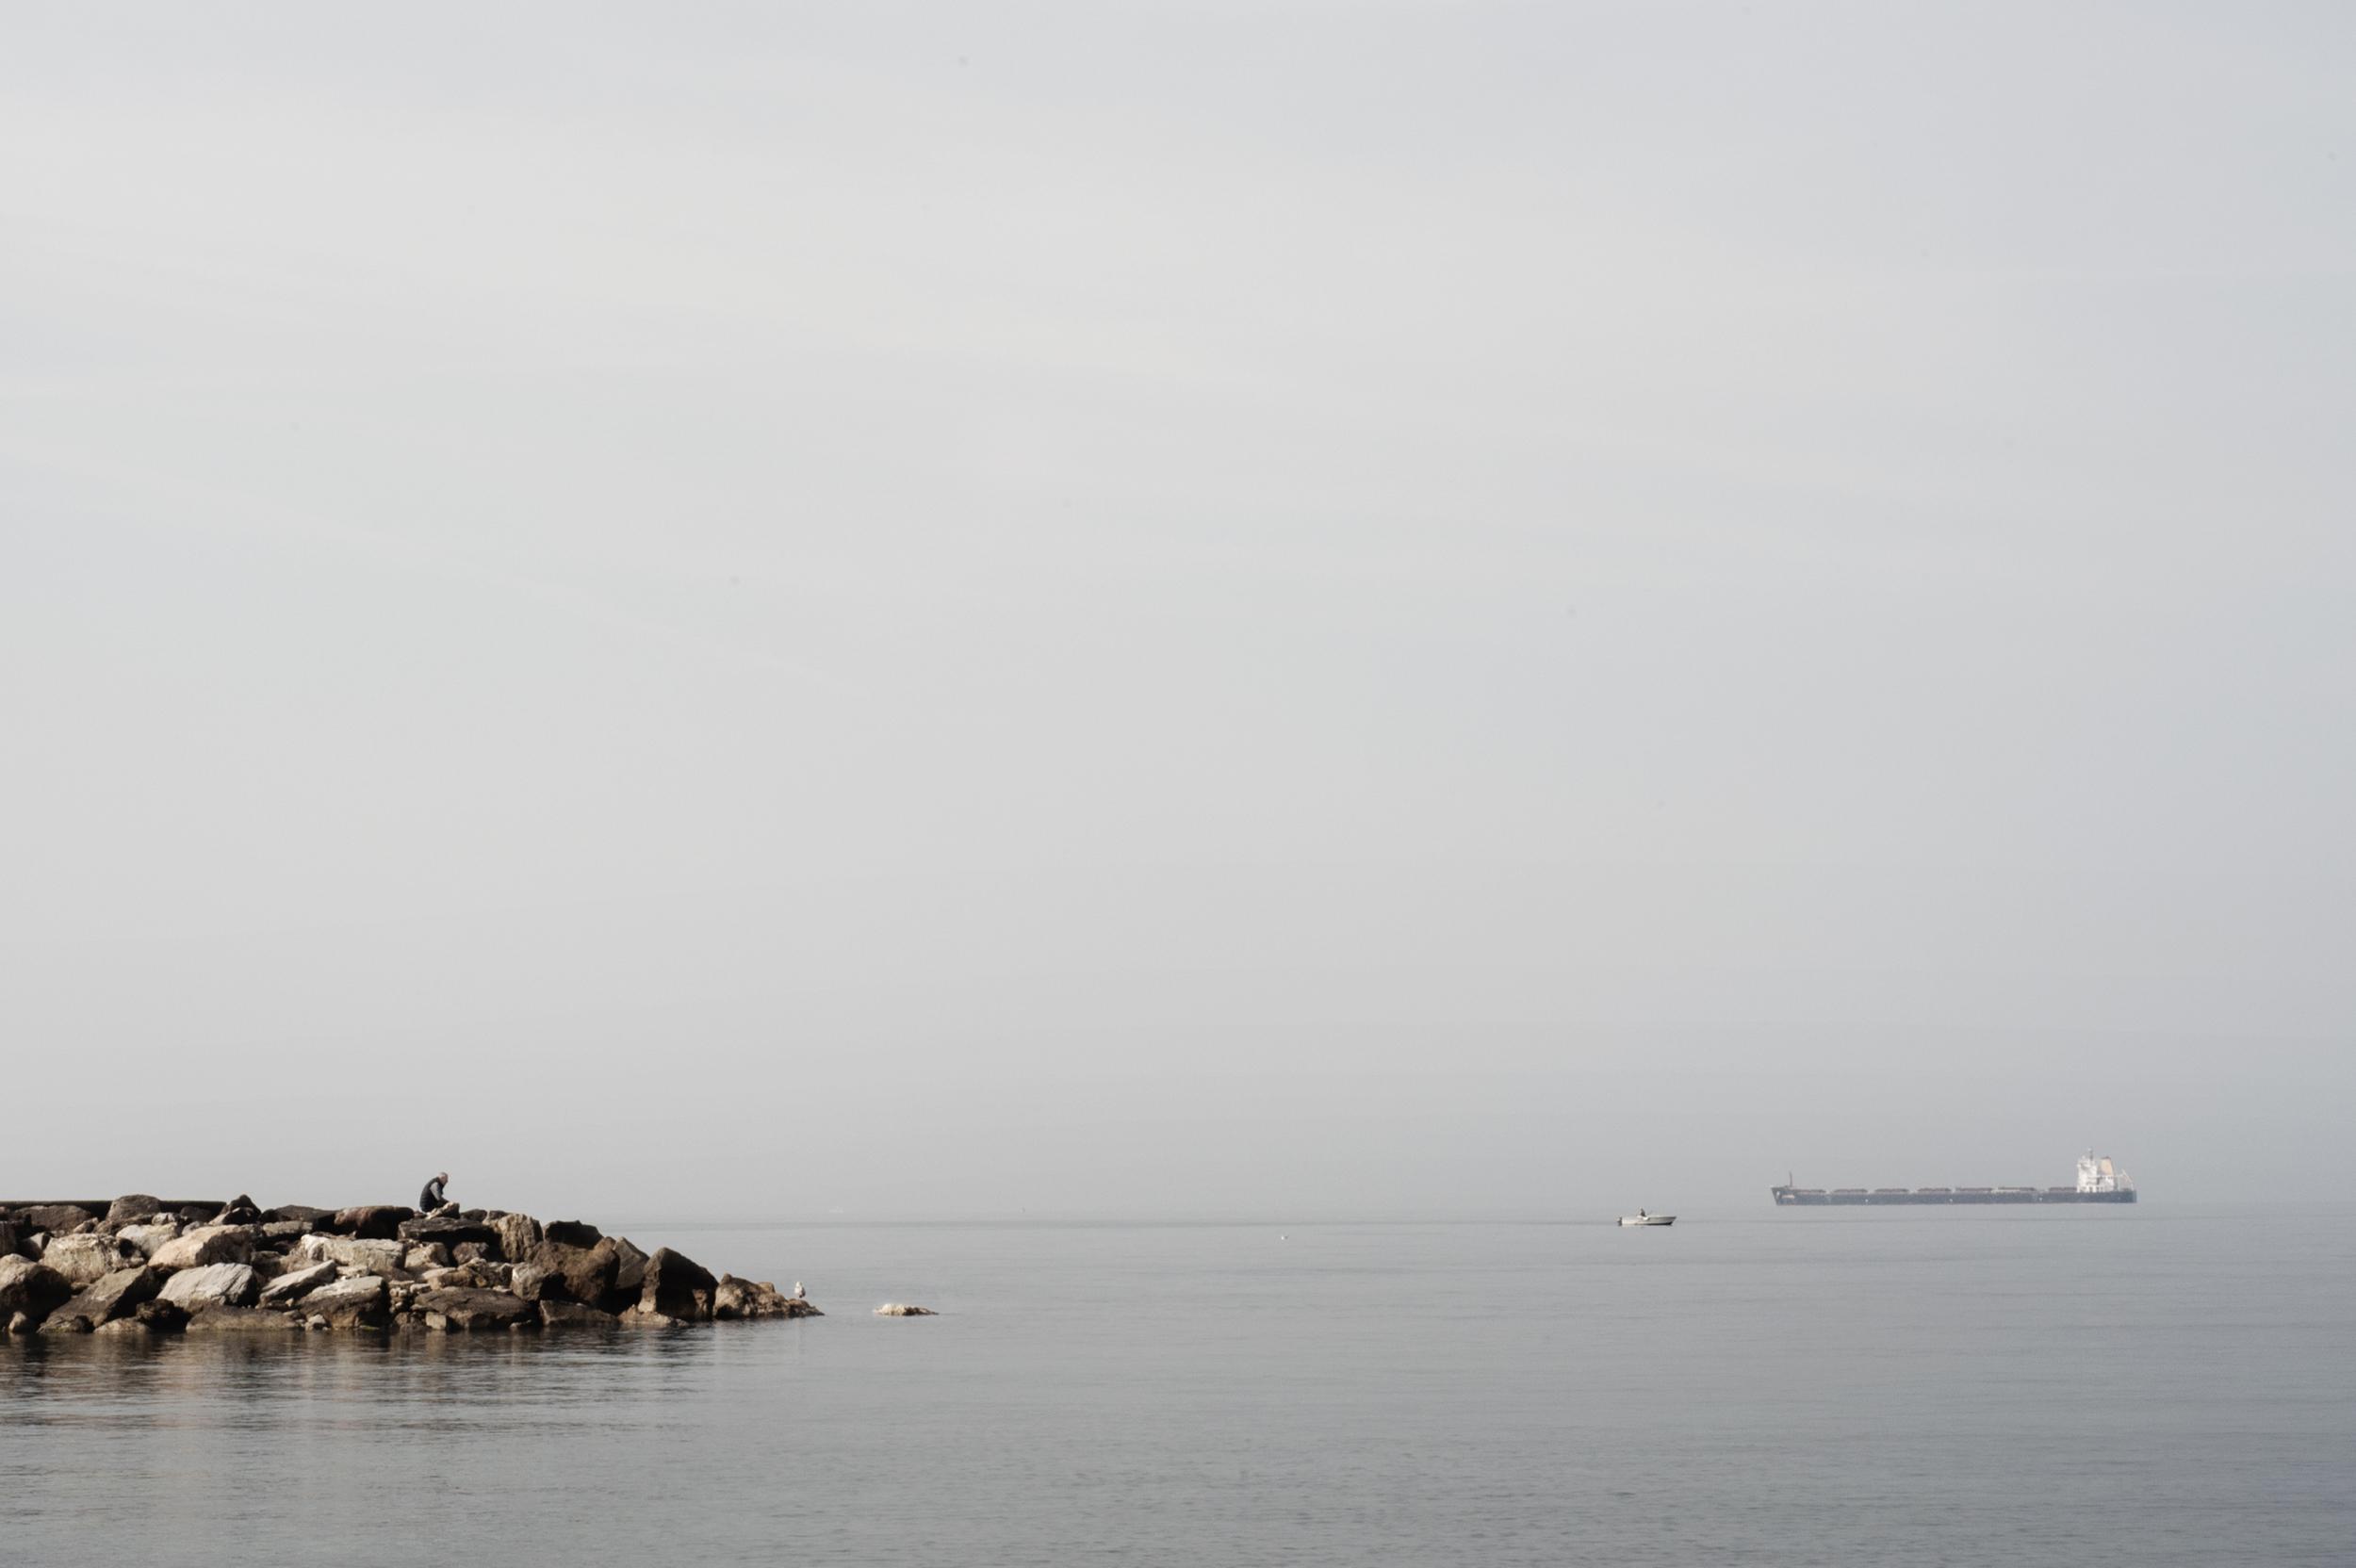 Le carboniere che quotidianamente navigano lungo il litorale, la cui provenienza rimane ignota, possono arrivare fino a 250 metri di lunghezza, con una capacità di carico che va dalle 70 alle 100 tonnellate di carbone. (Giulia Morelli)